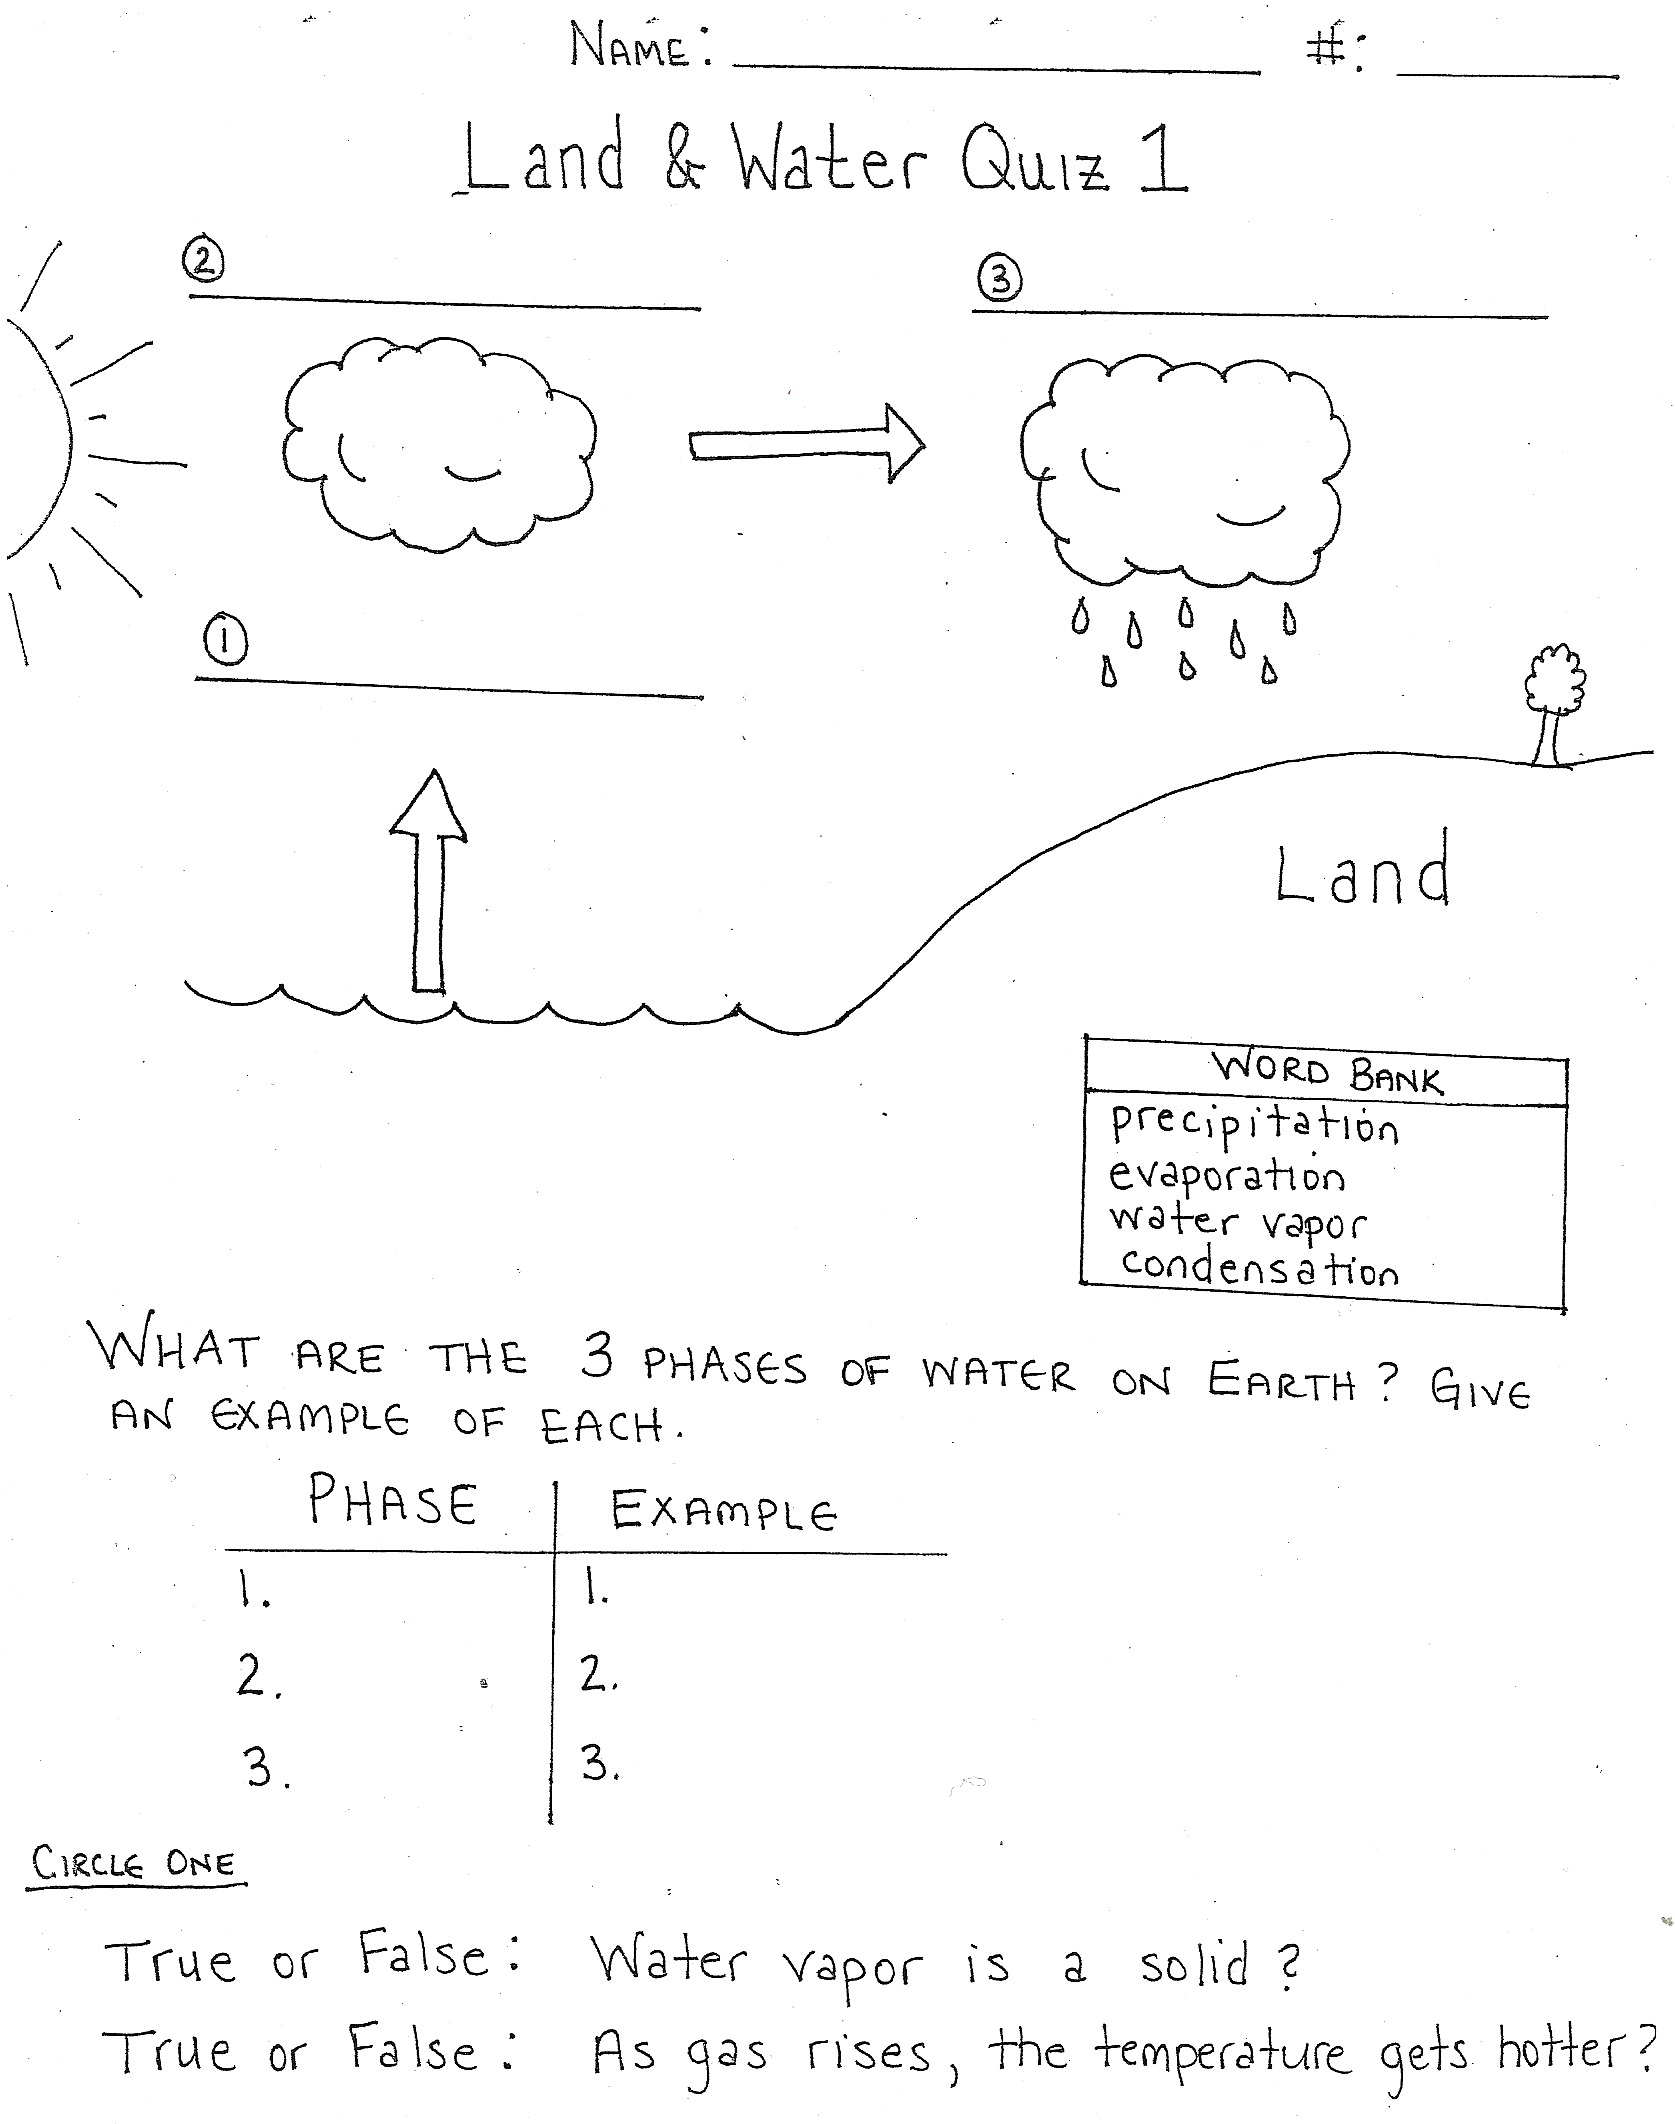 water cycle worksheets for 3rd grade   Su Döngüsü Resimli Anlatım -  Ekoloji. Kategoriler.   Water cycle worksheet [ 2124 x 1675 Pixel ]